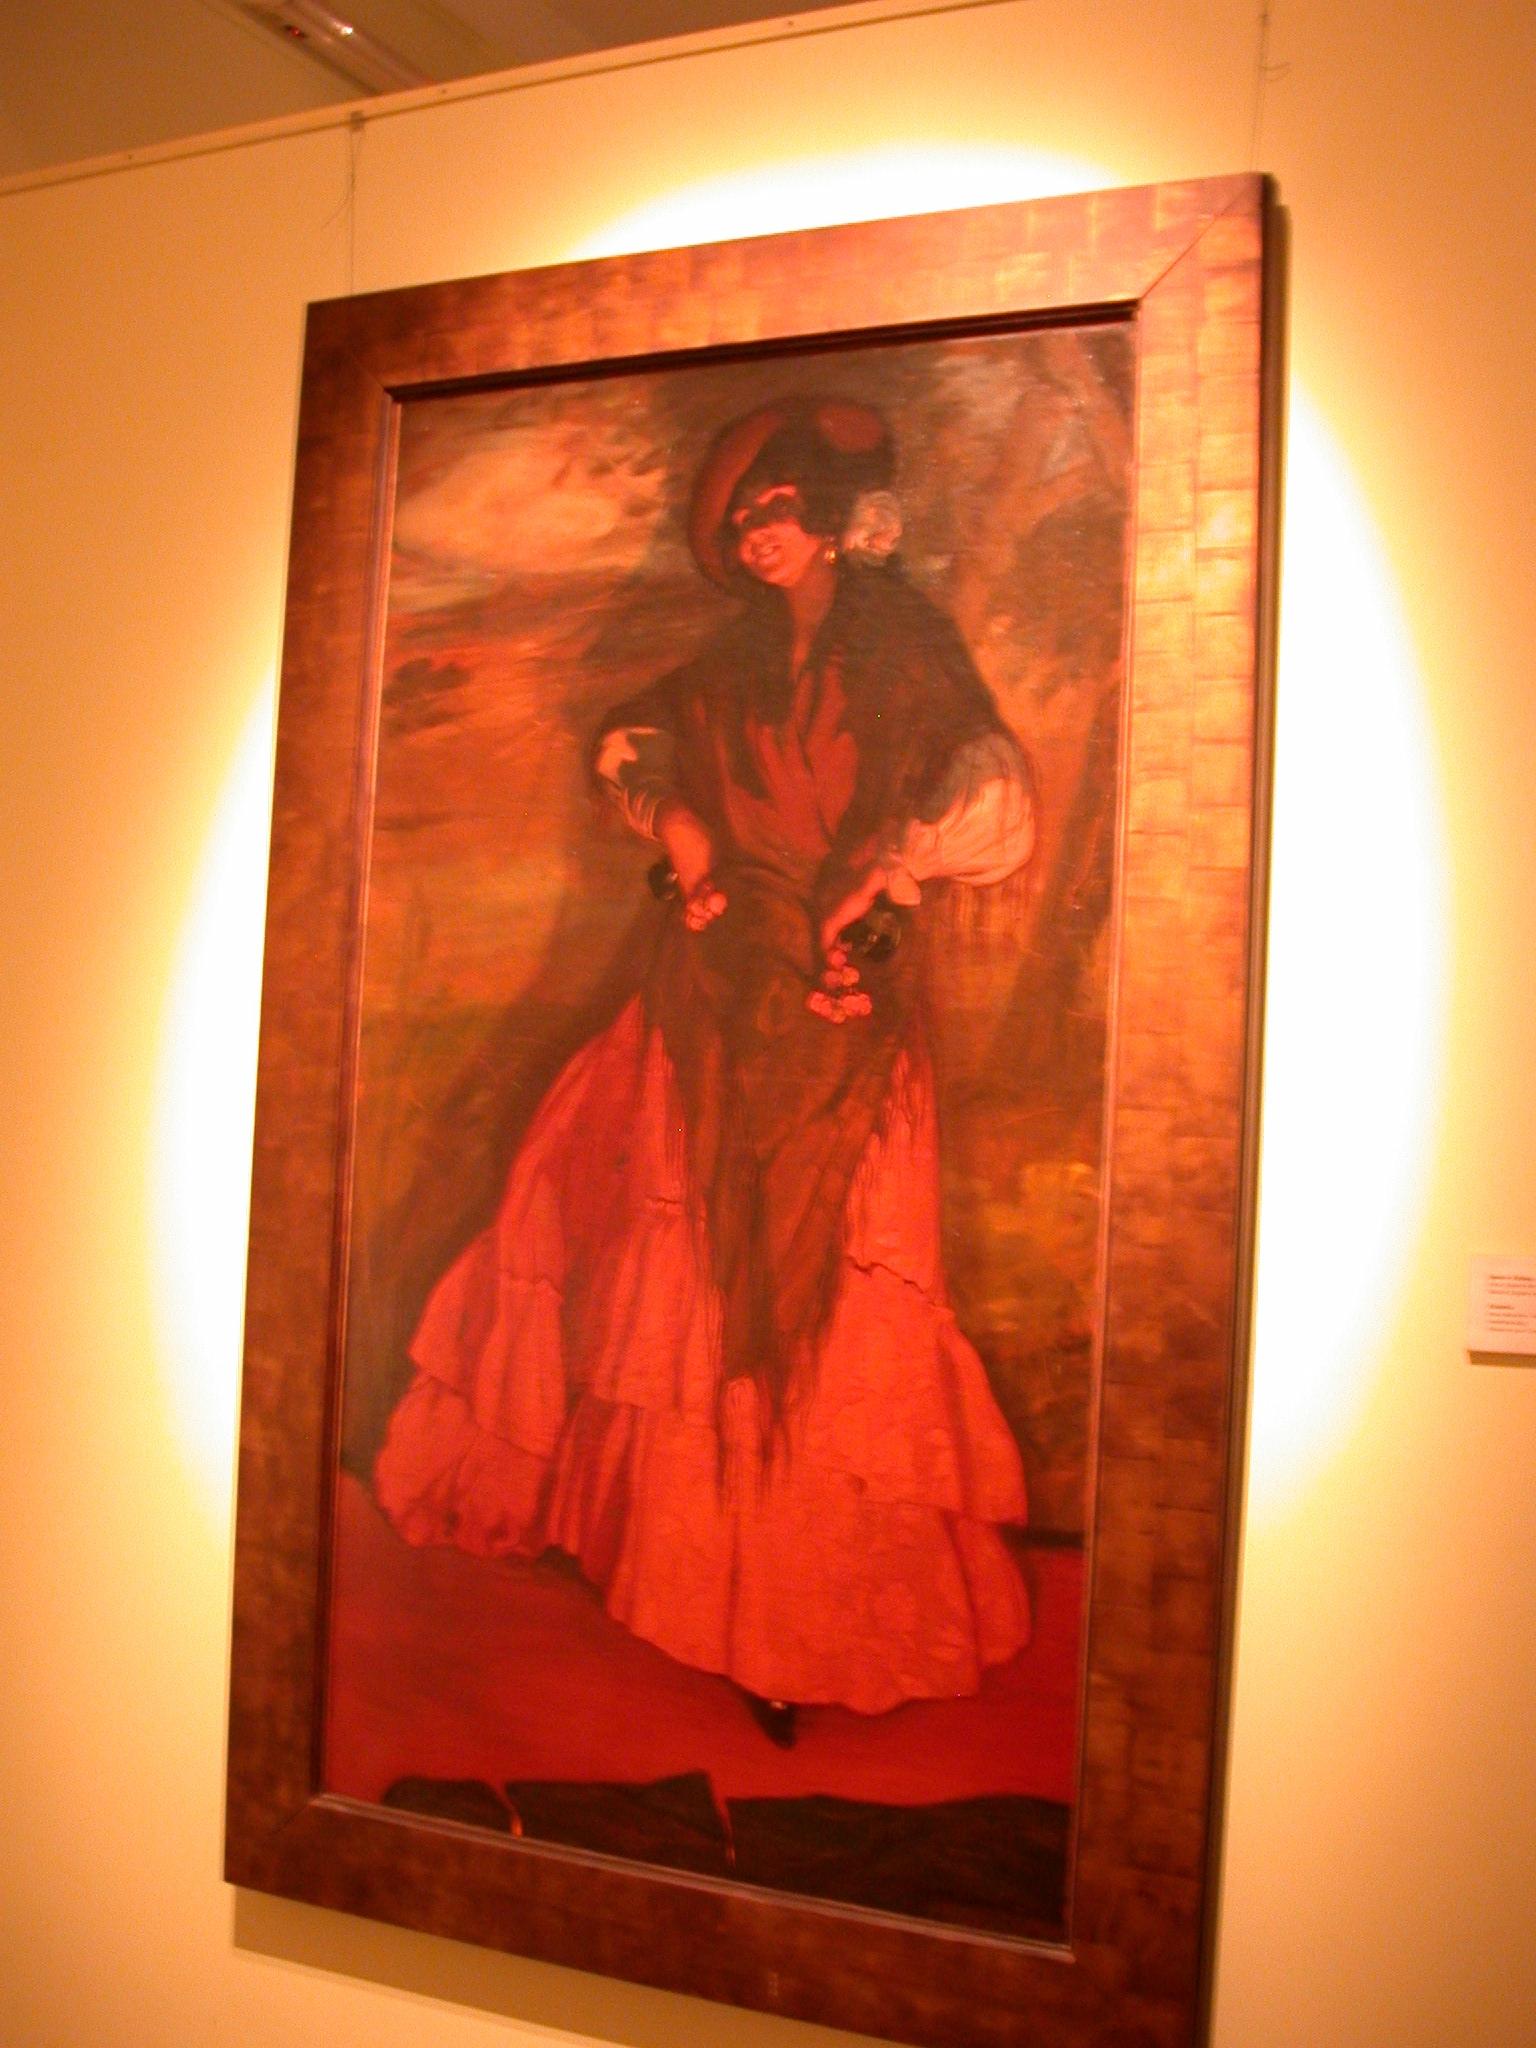 La Gitanilla, The Gypsy, Ignacio Zuloaga, Museo de las Bellas Artes, Buenos Aires, Argentina